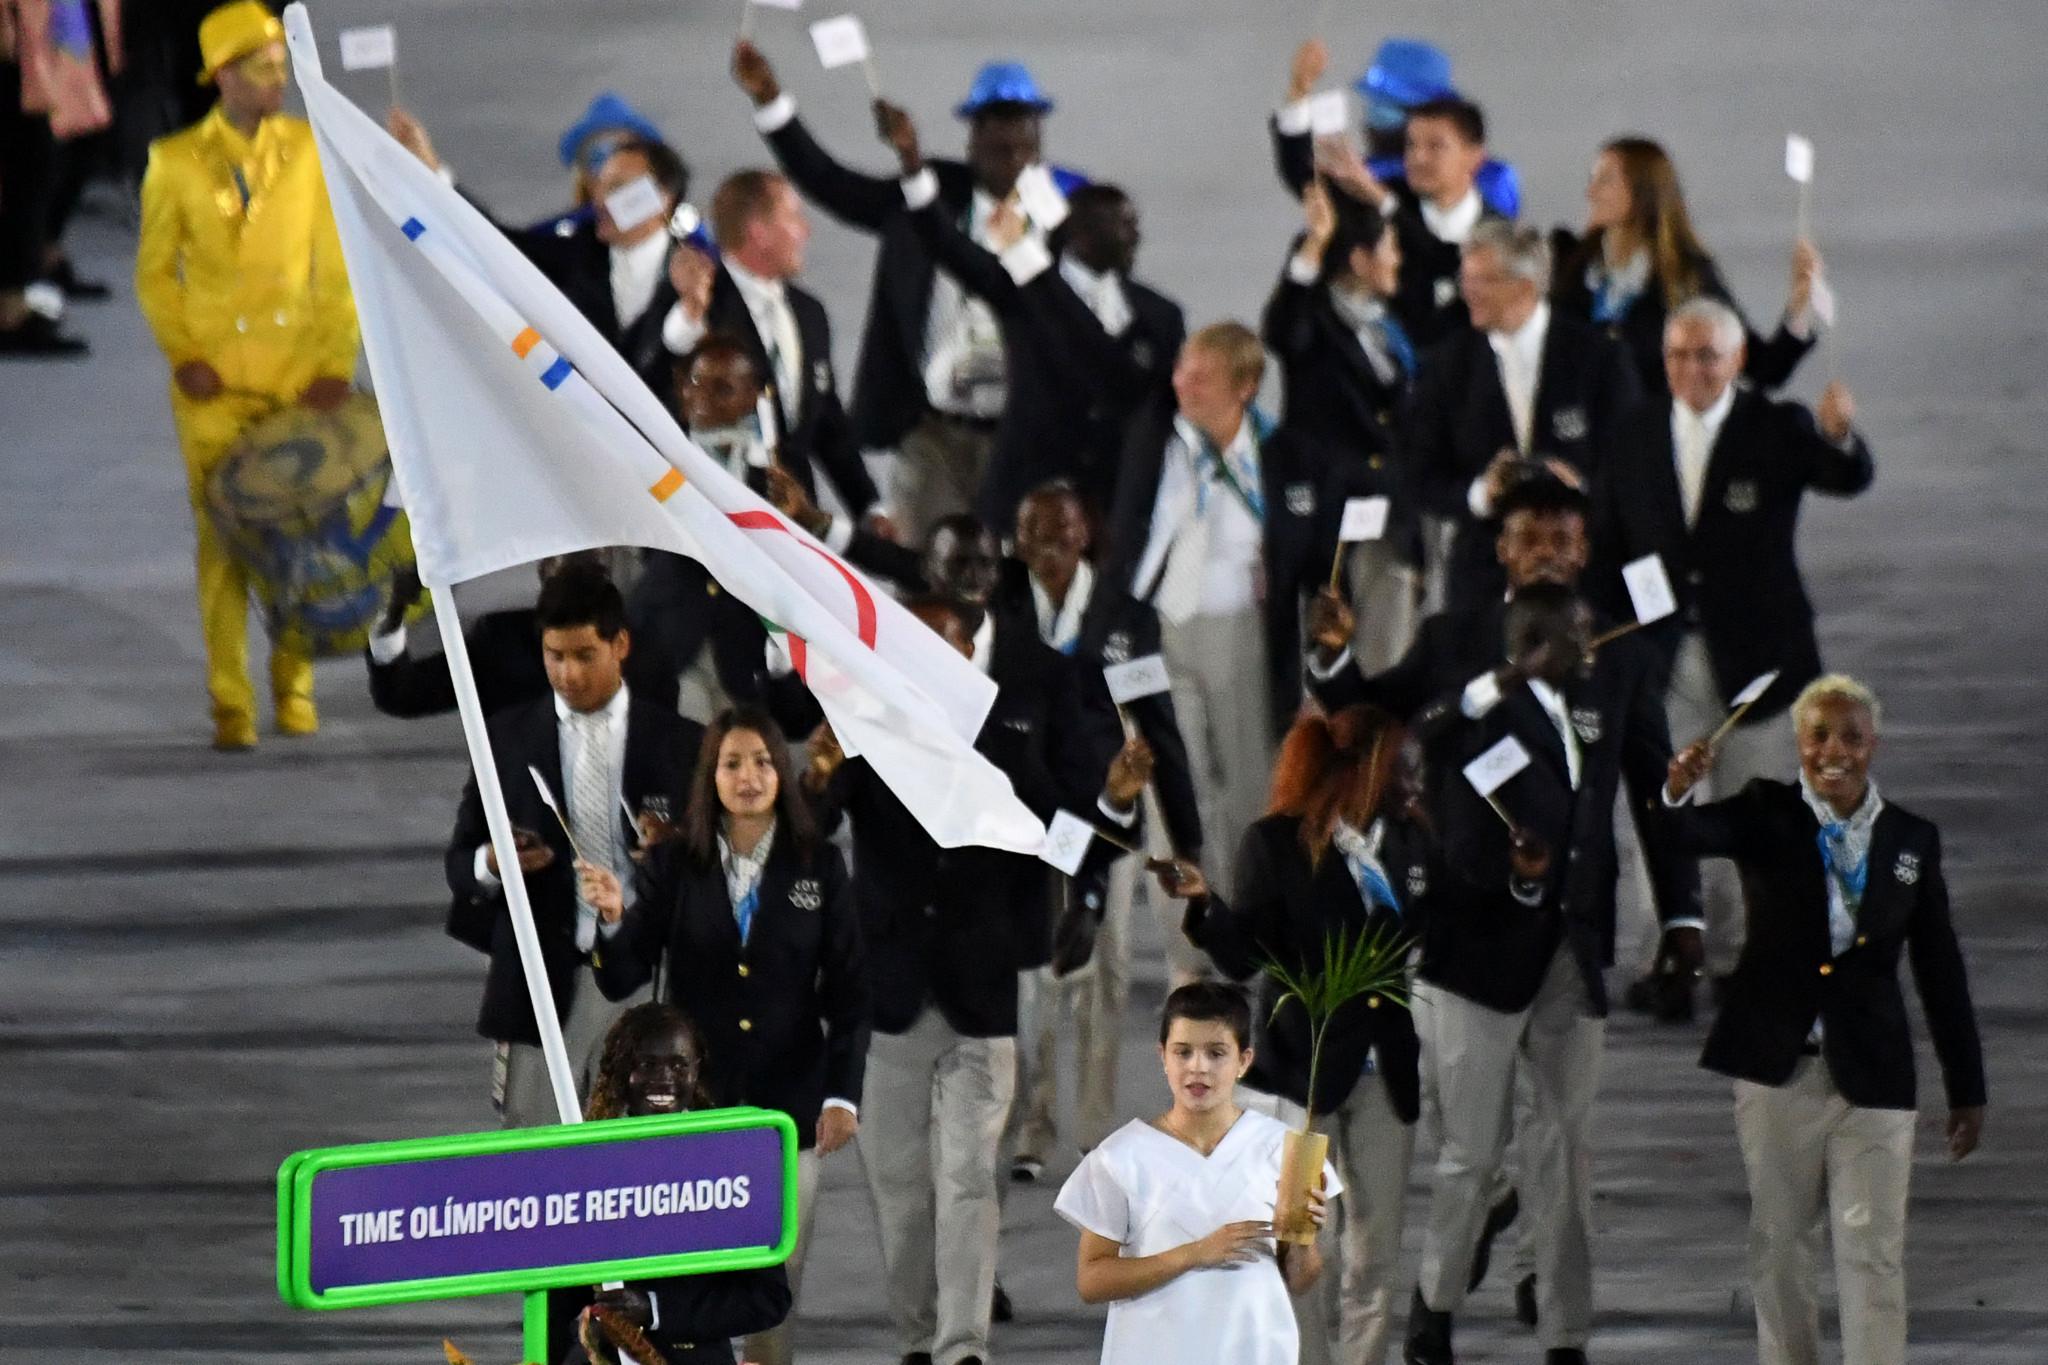 Το Kids Love Sports στοχεύει να εμπνεύσει τα παιδιά προσφύγων να γίνουν μελλοντικοί Ολυμπιονίκες.  © Getty Images